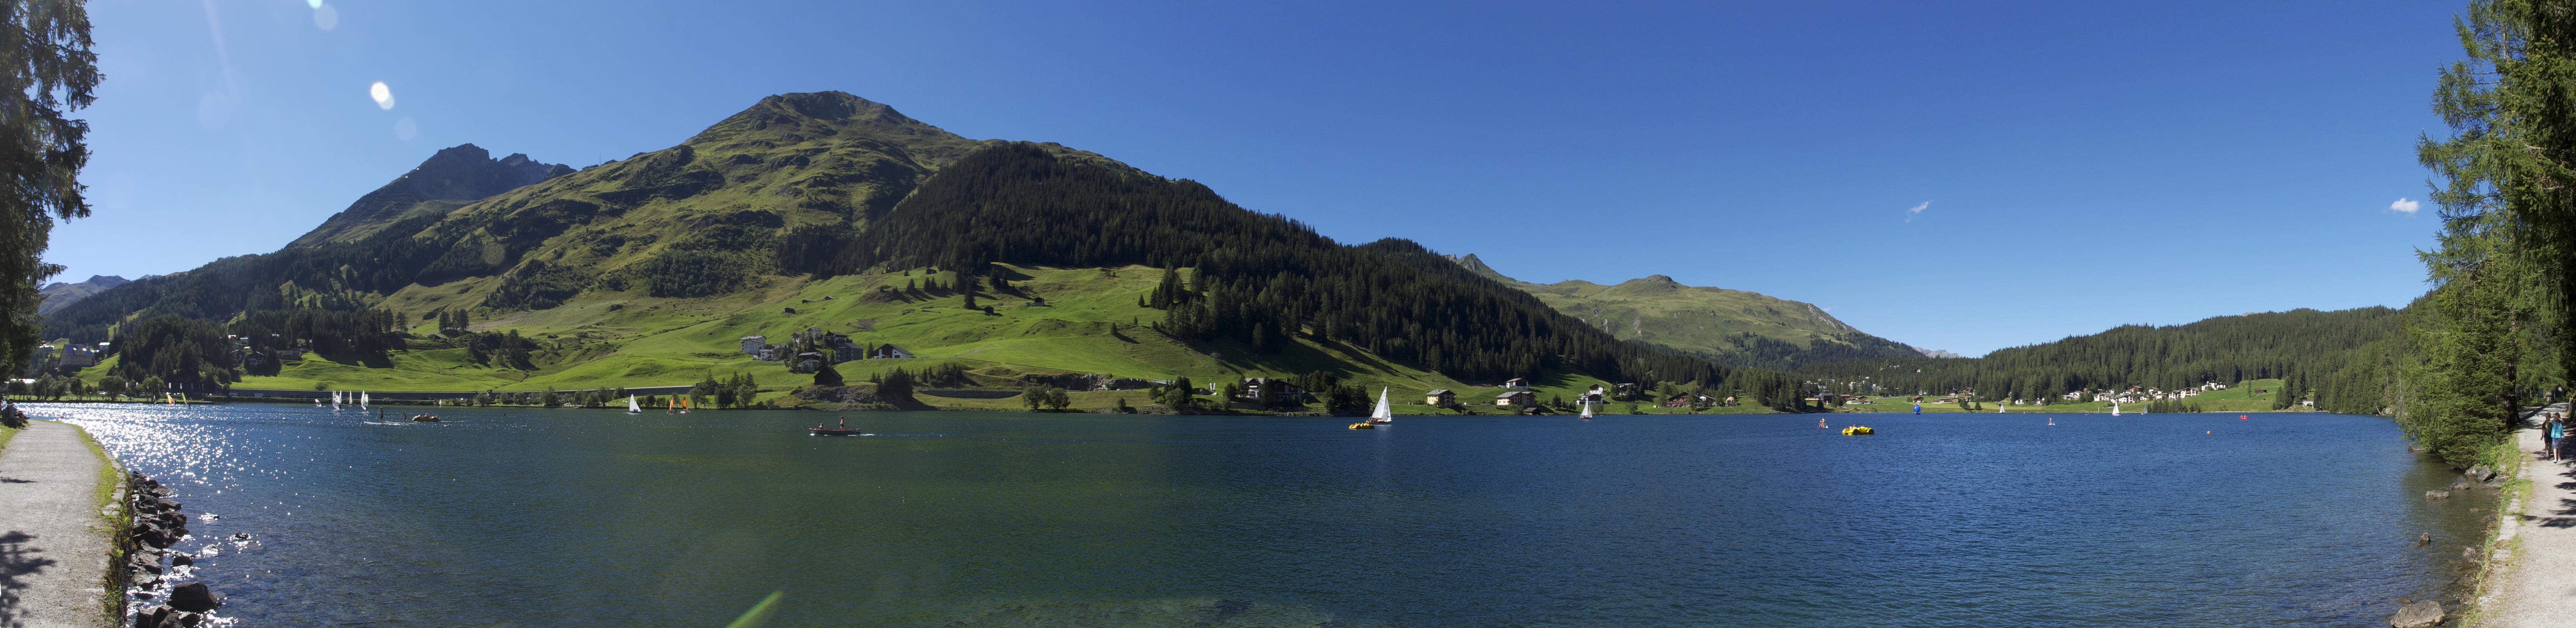 Davosersee_Ansicht_vom_Ostufer